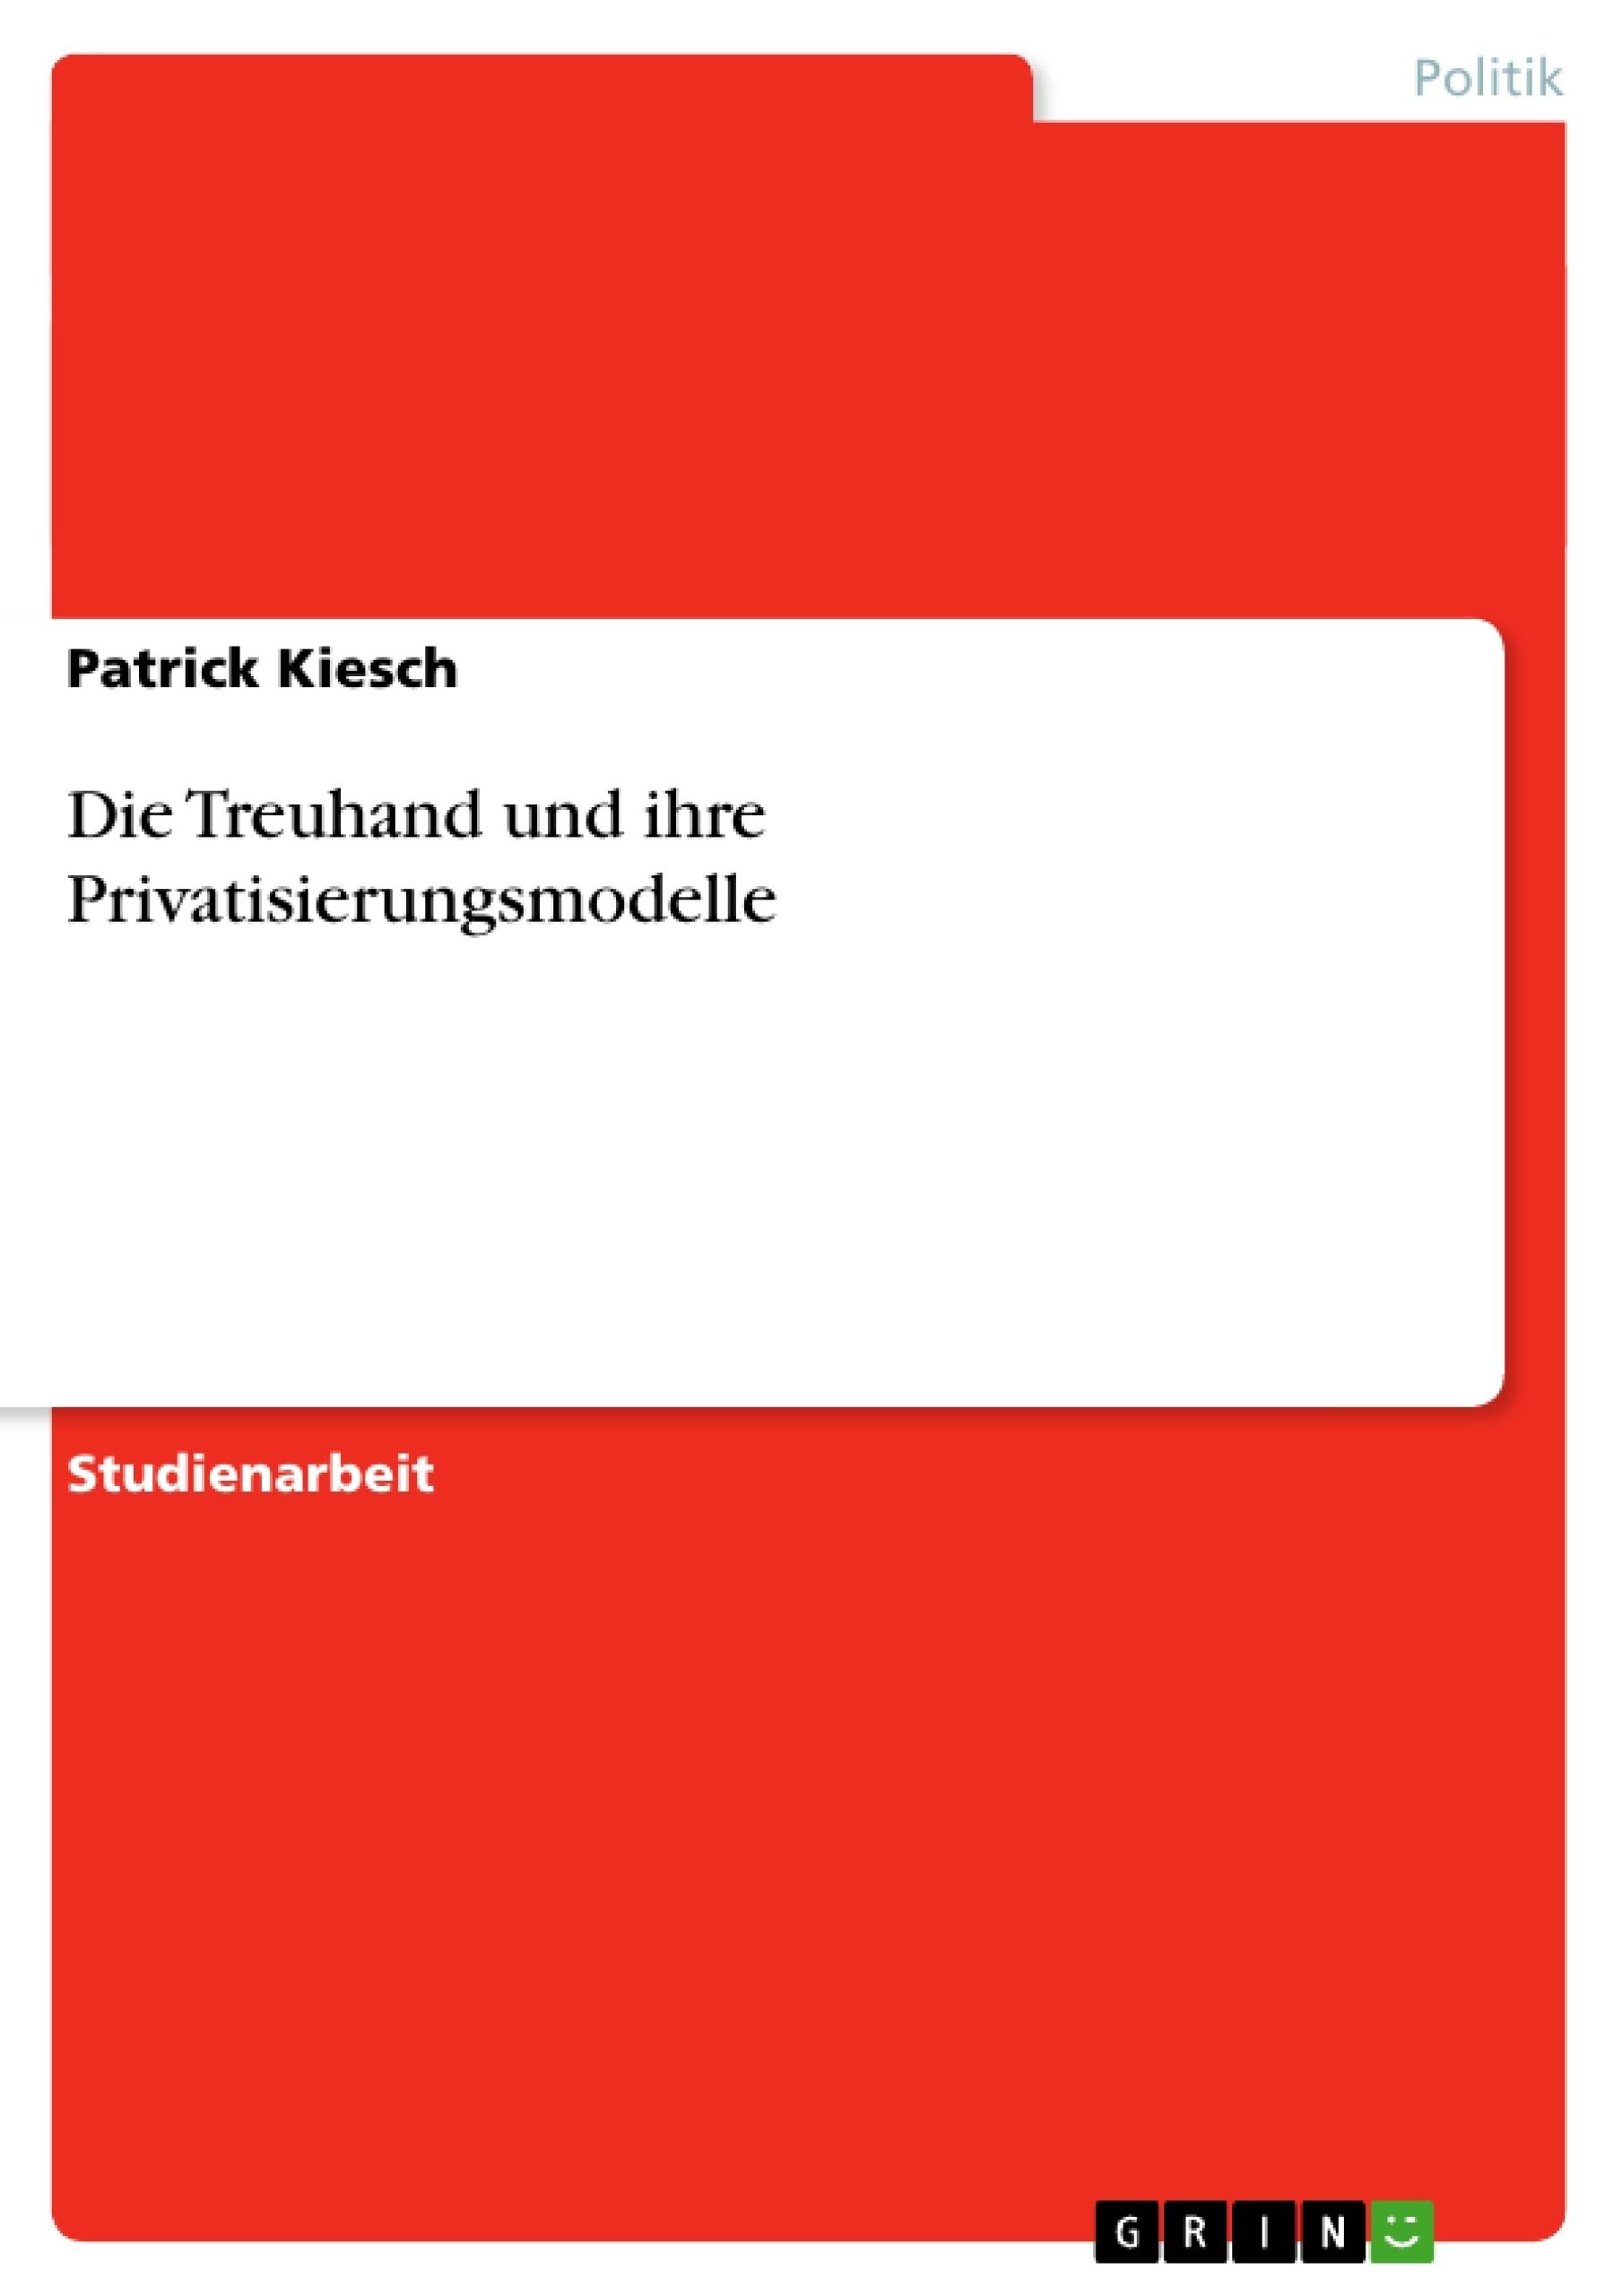 Titel: Die Treuhand und ihre Privatisierungsmodelle